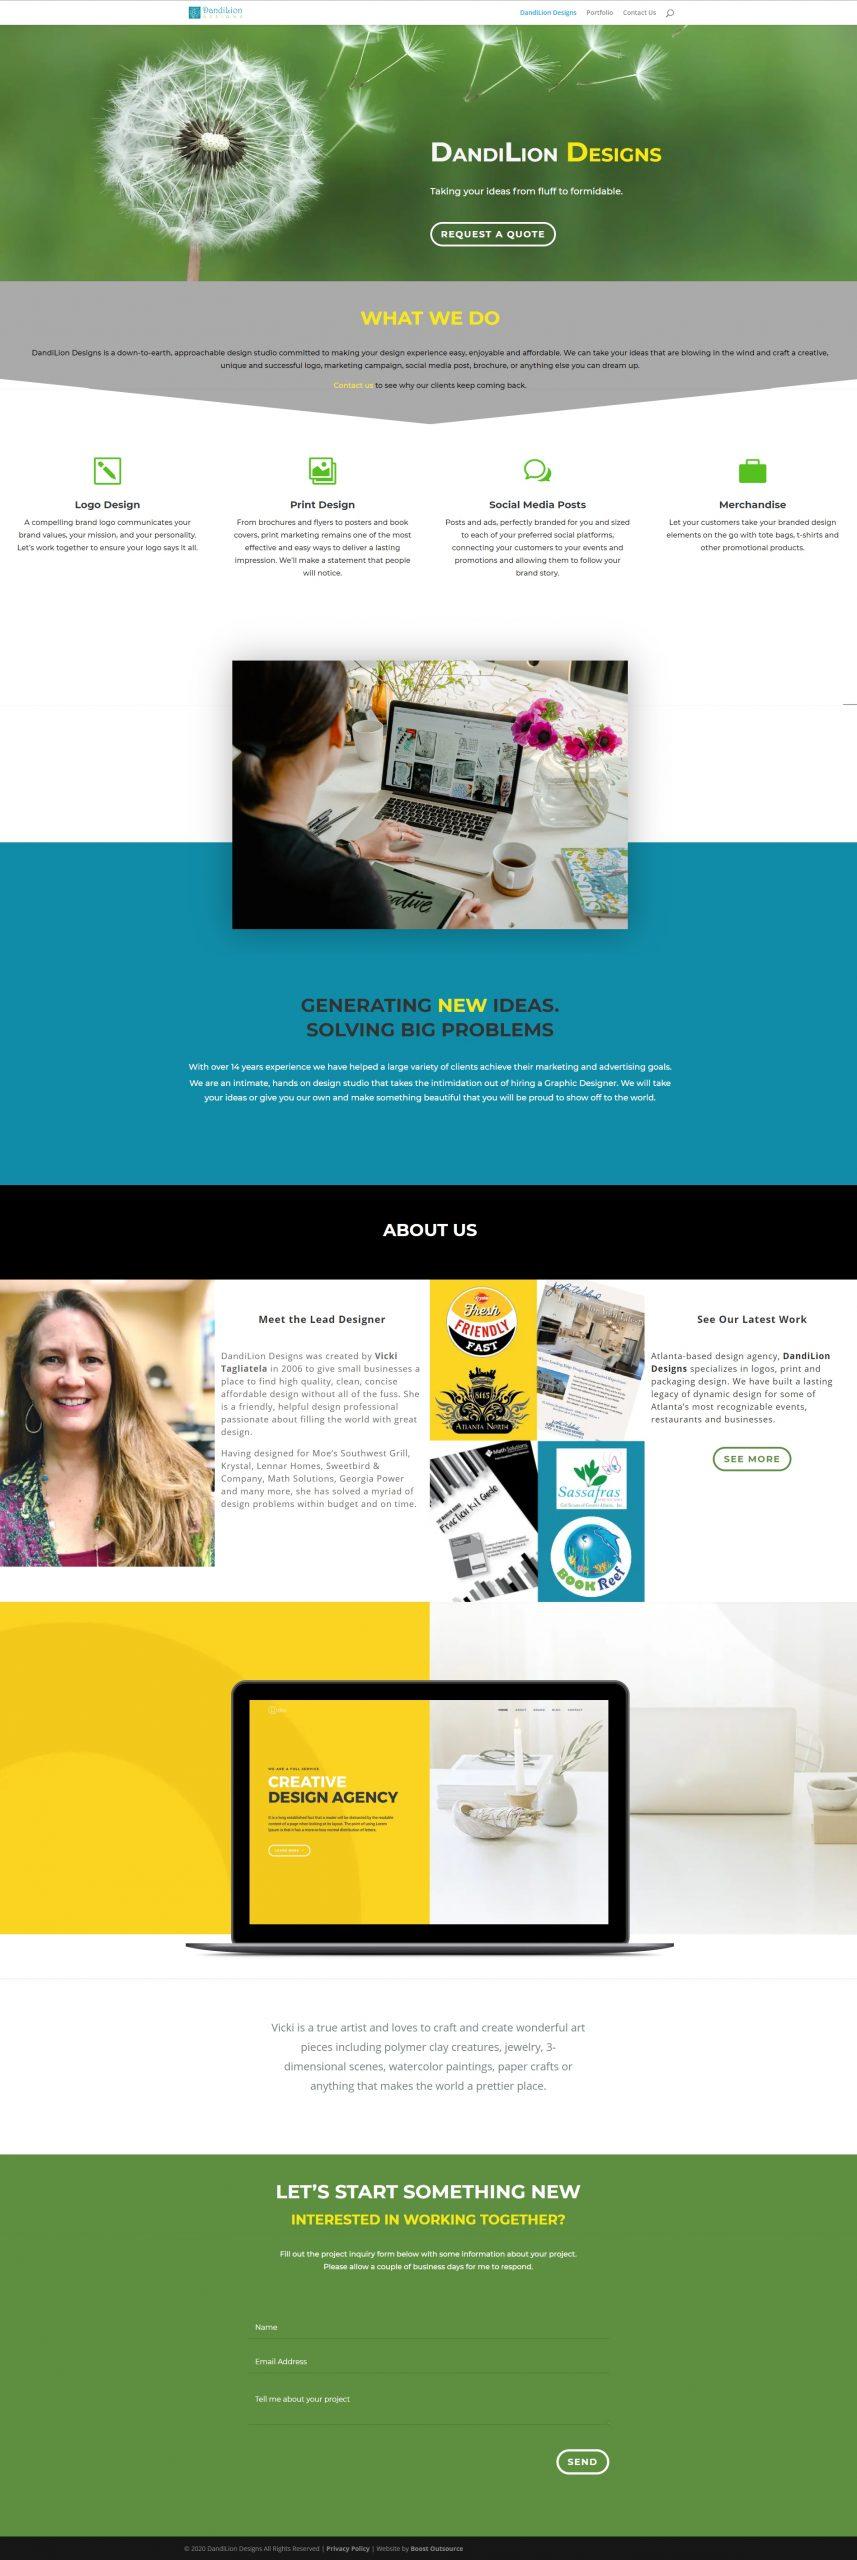 image of DandiLion Design website